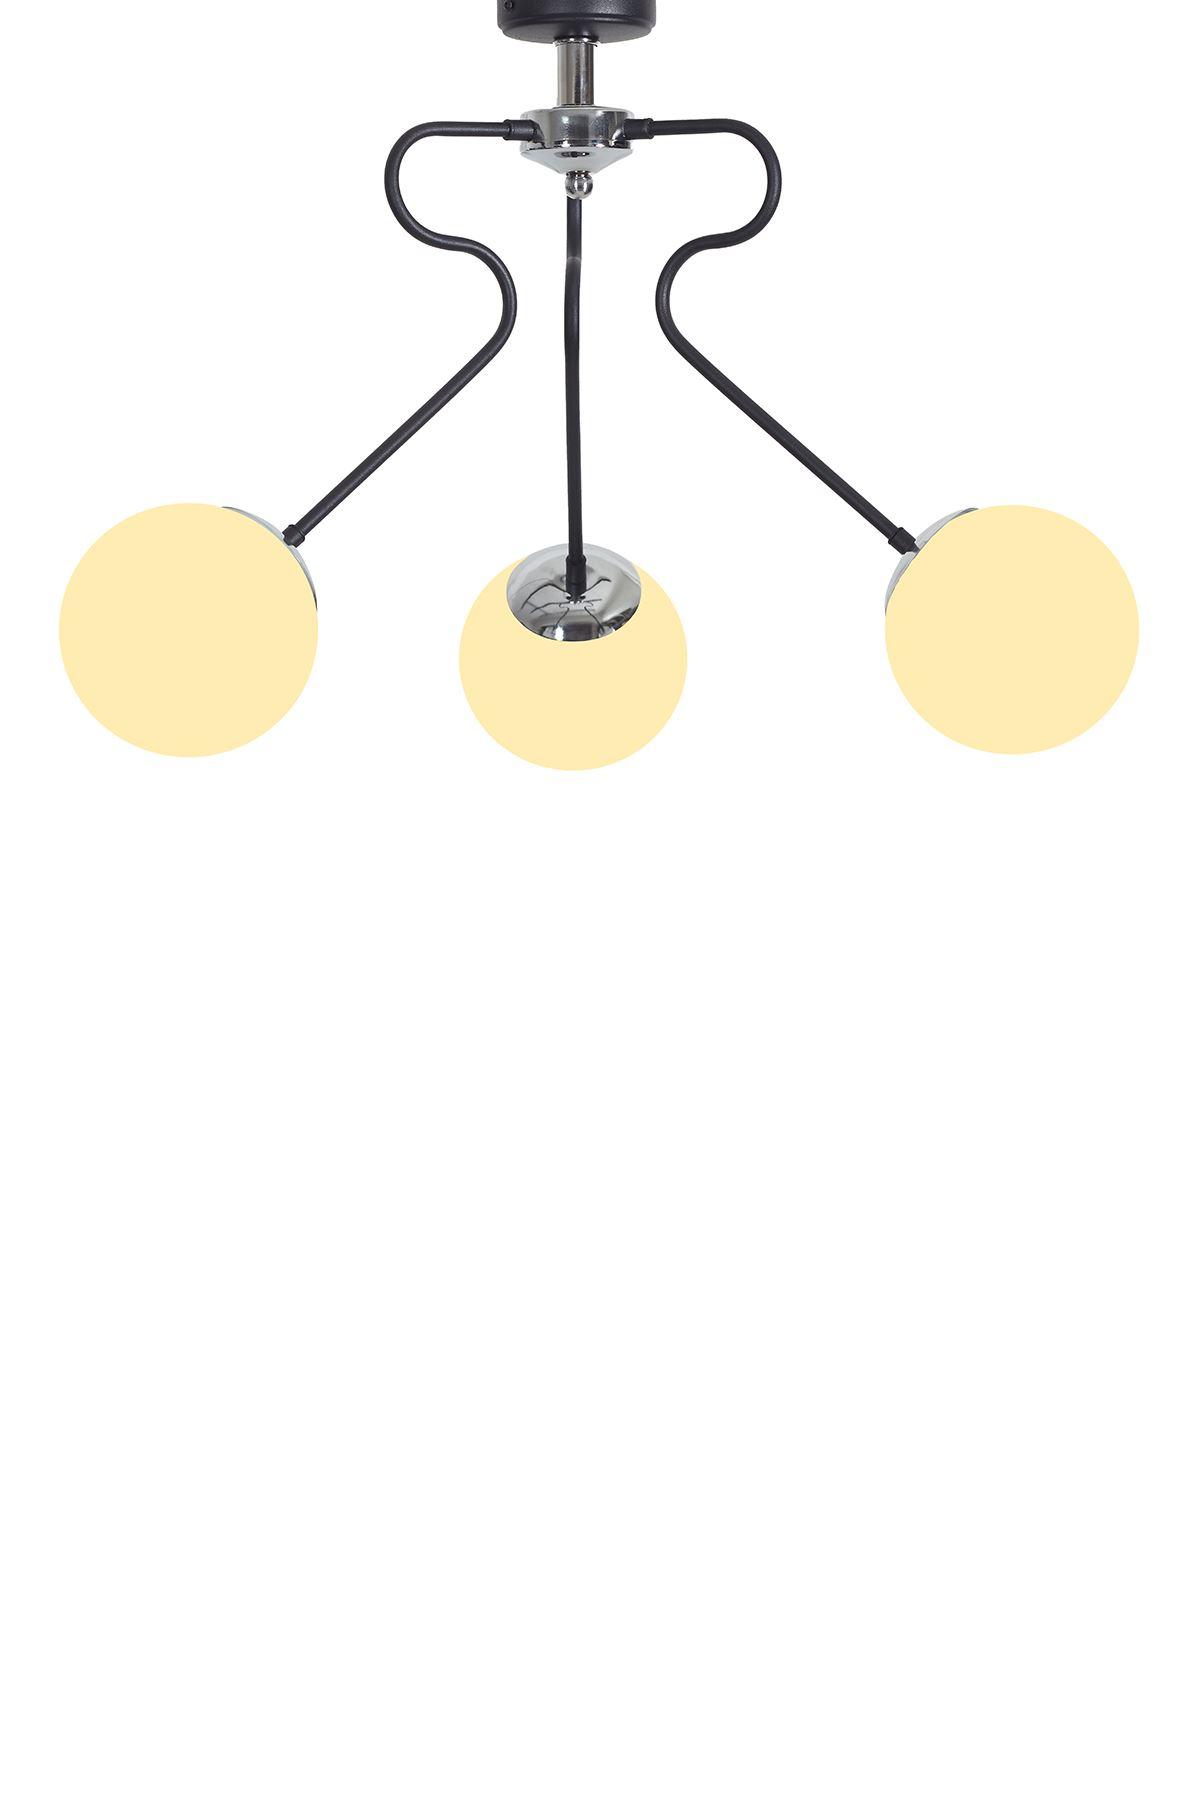 Dominik 3 Lü Siyah Kollu-Krom Metal Gövde Beyaz Rengi Camlı Tasarım Lüx Sarkıt Avize